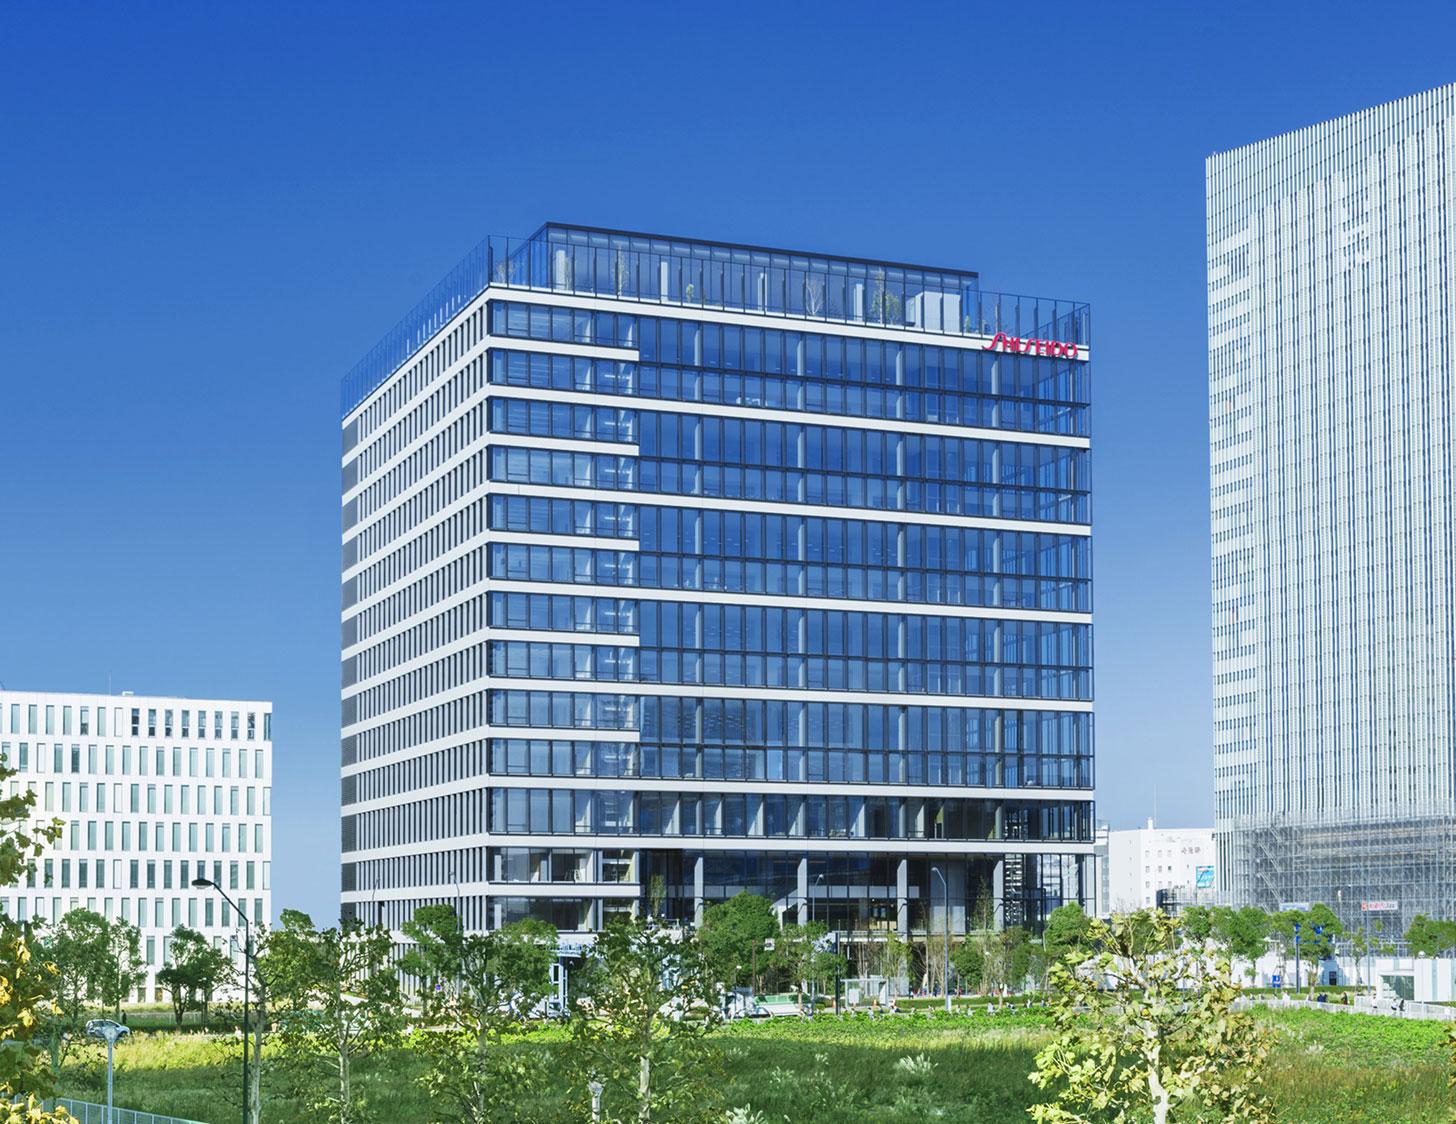 横浜 資生堂「エスパーク」のカフェやミュージアムを含むエリア、4月13日オープン